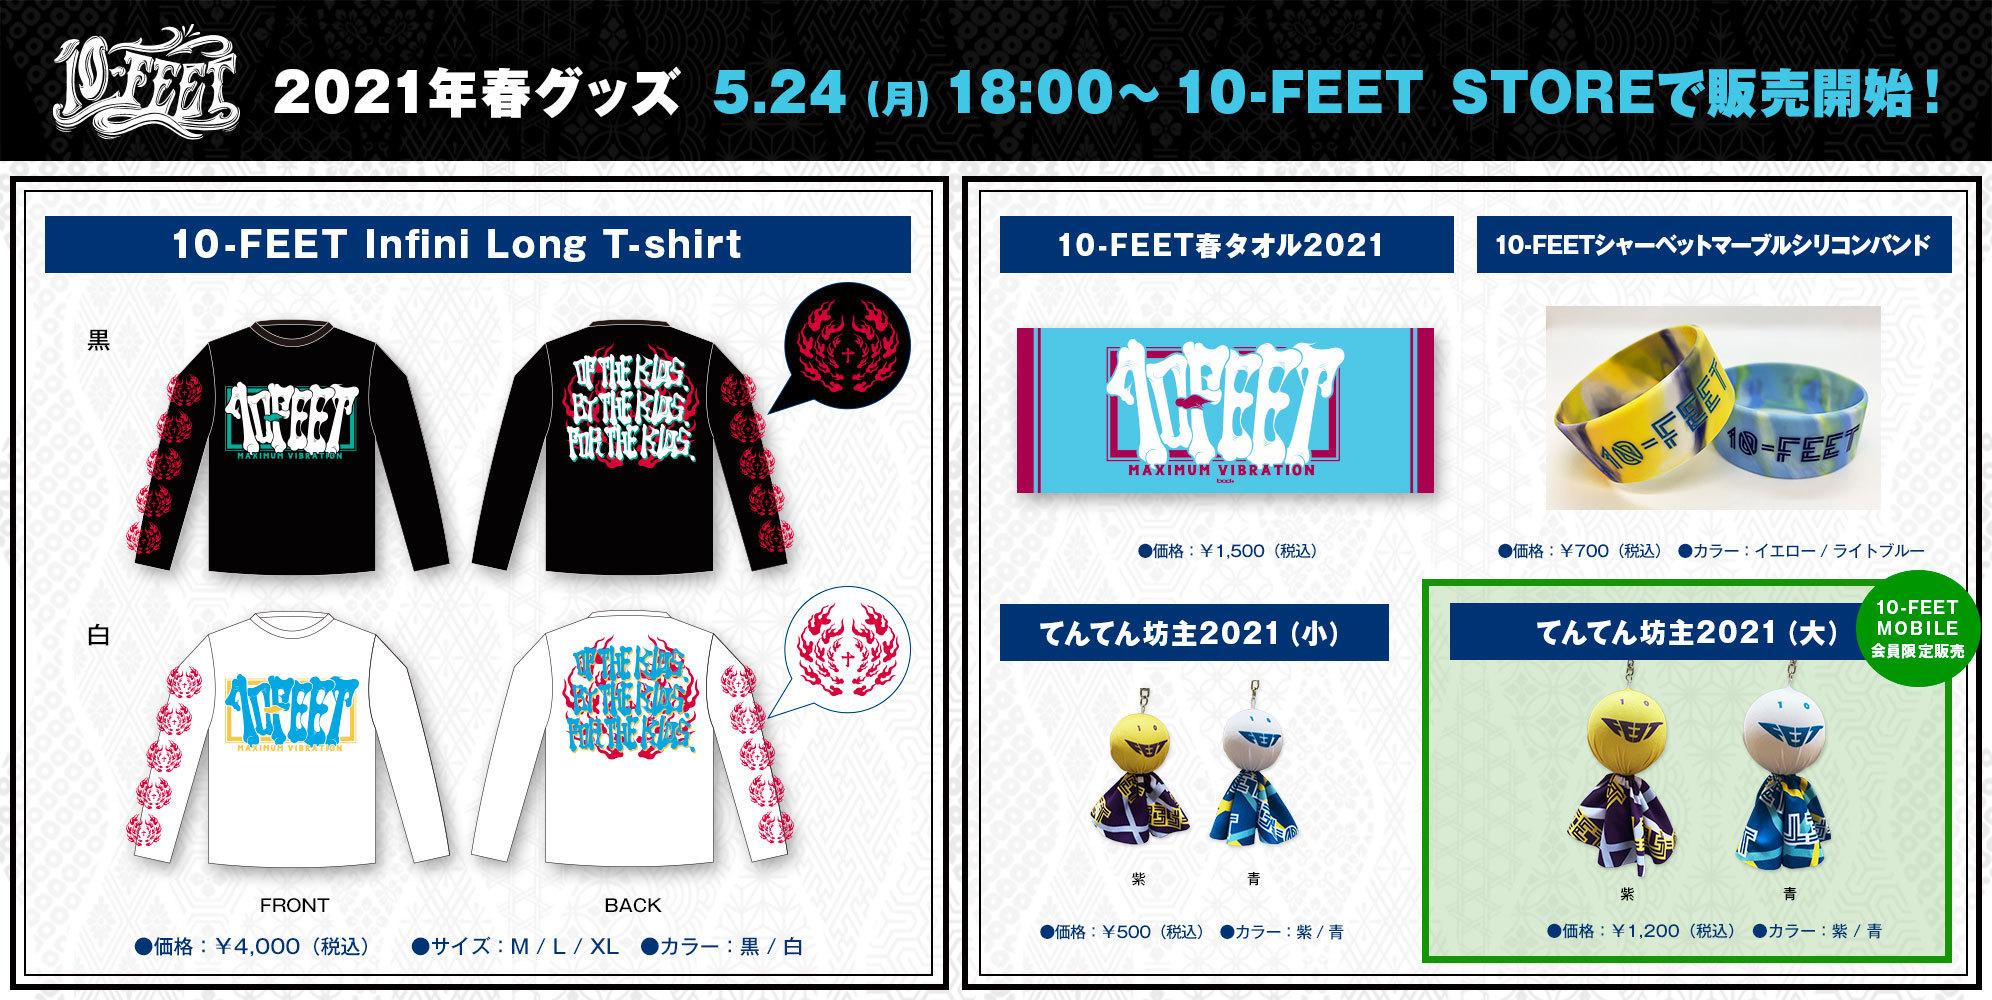 10-feet_goods210524